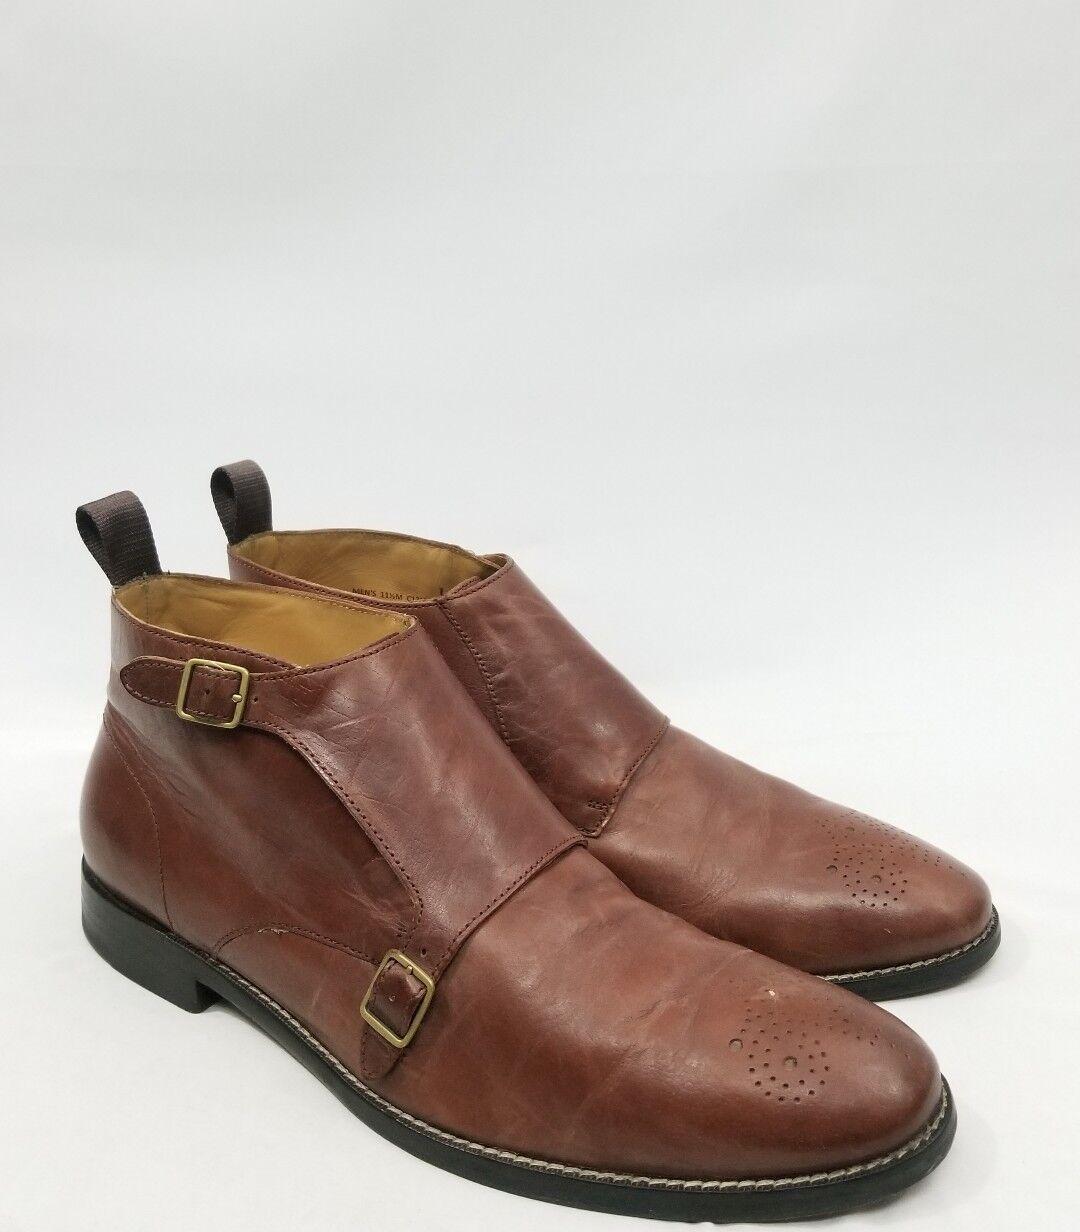 Cole HaanCambridge Monk Chukka Boot Size 11.5 C12879 RT  268